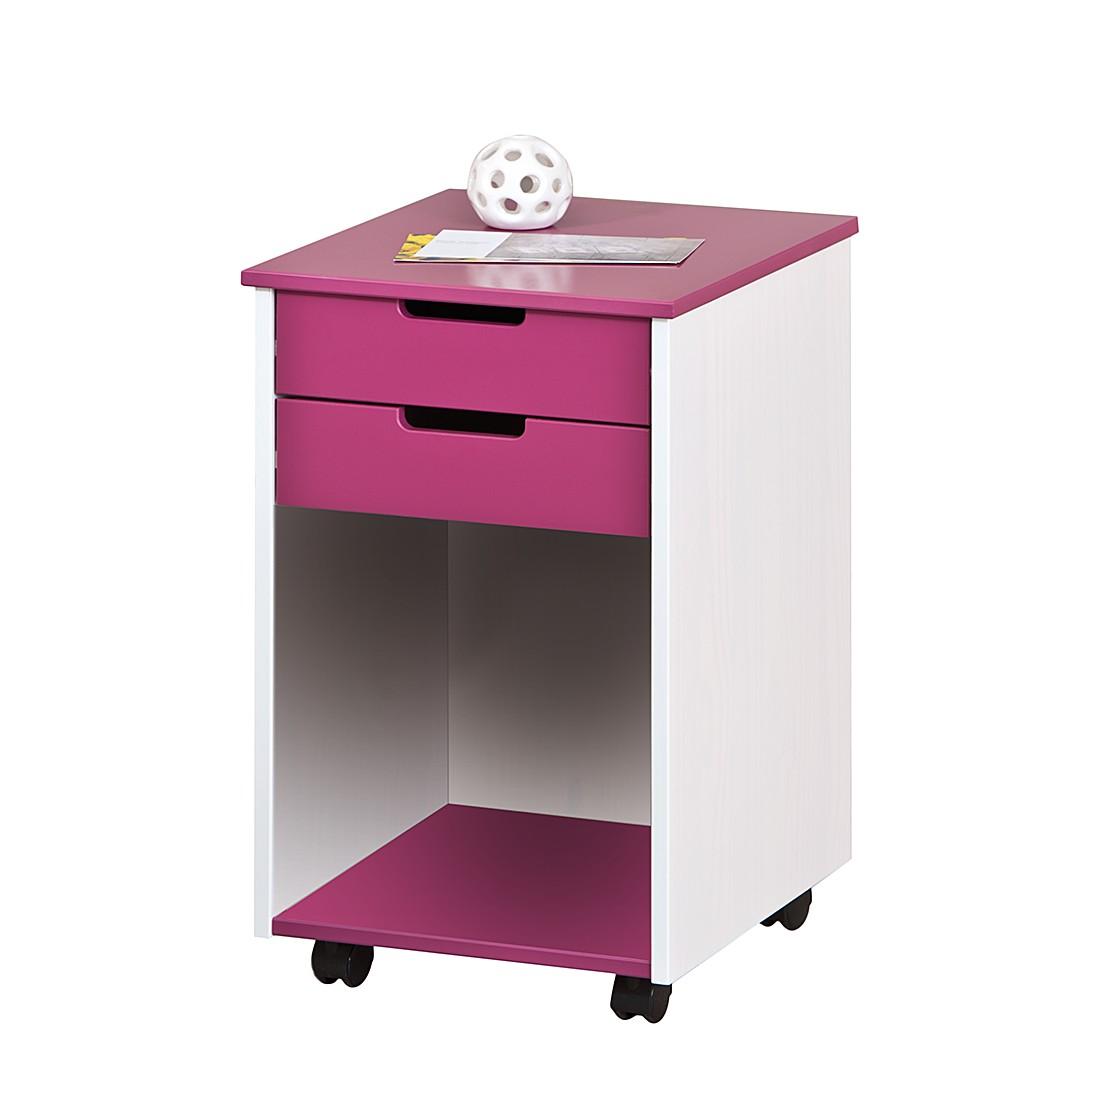 Rollcontainer Magentina - Kiefer teilmassiv - Weiß/Pink, home24